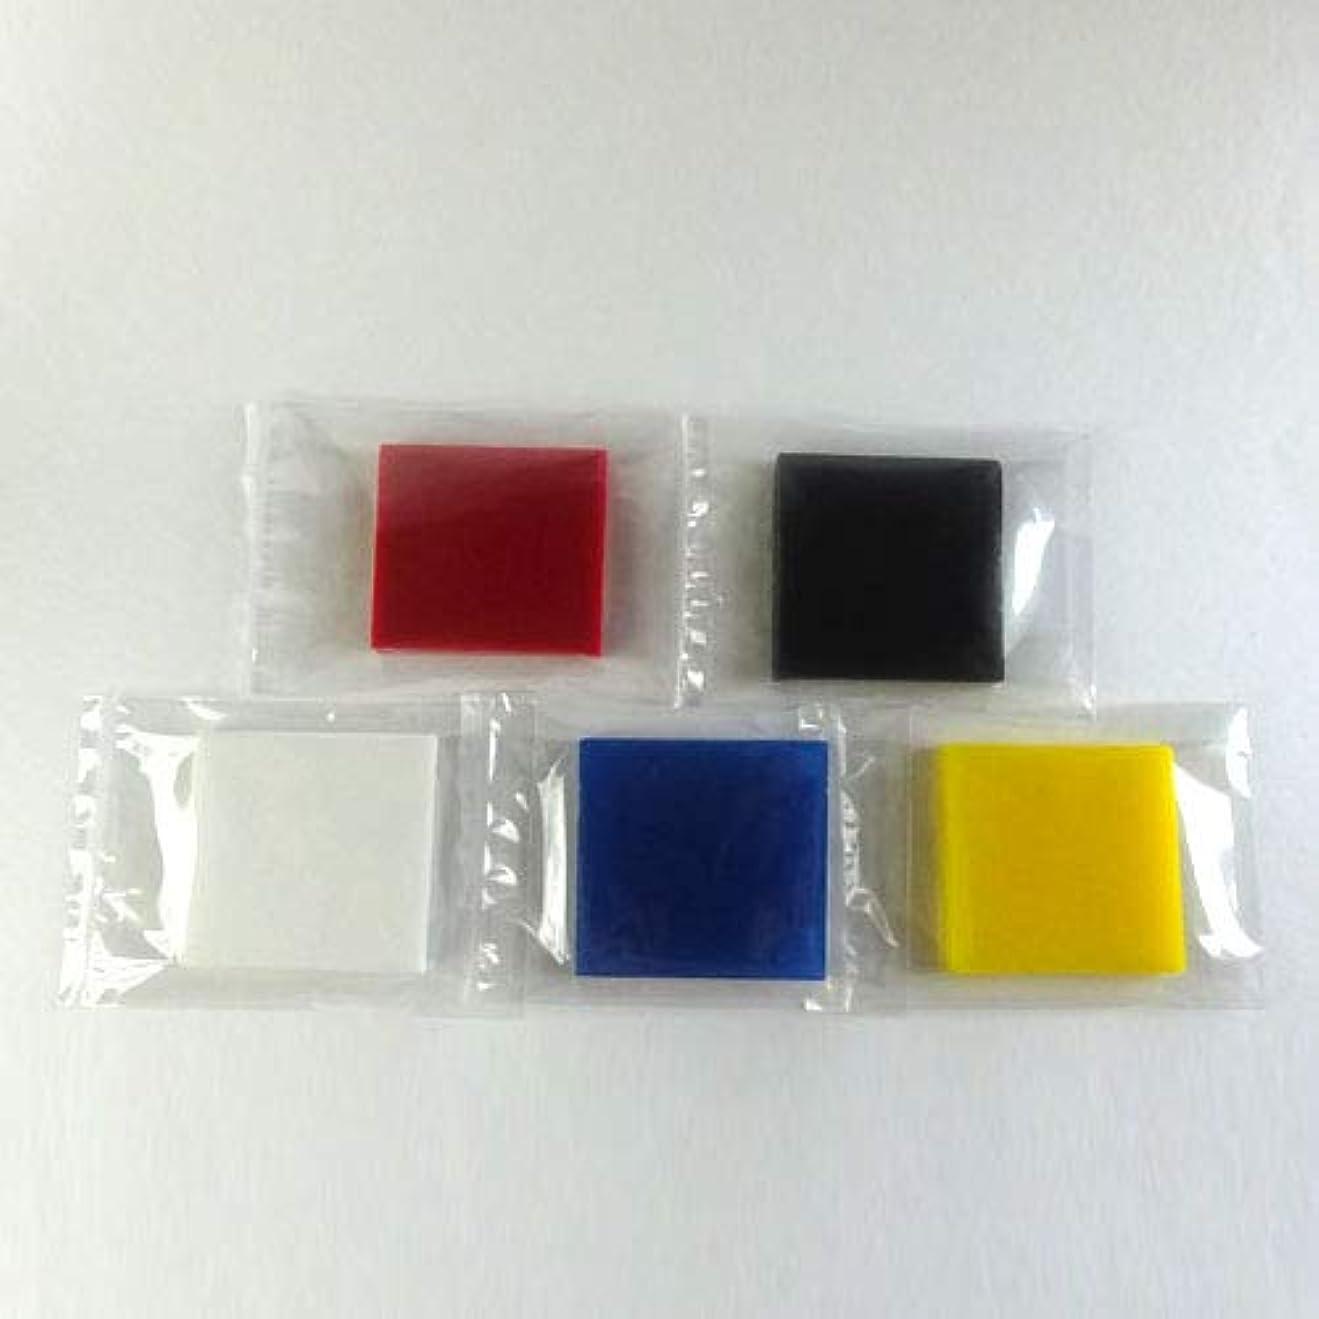 異常なウォーターフロント突き出すグリセリンソープ MPソープ 色チップ 5色(赤?青?黄?白?黒) 各60g(30g x 2pc)